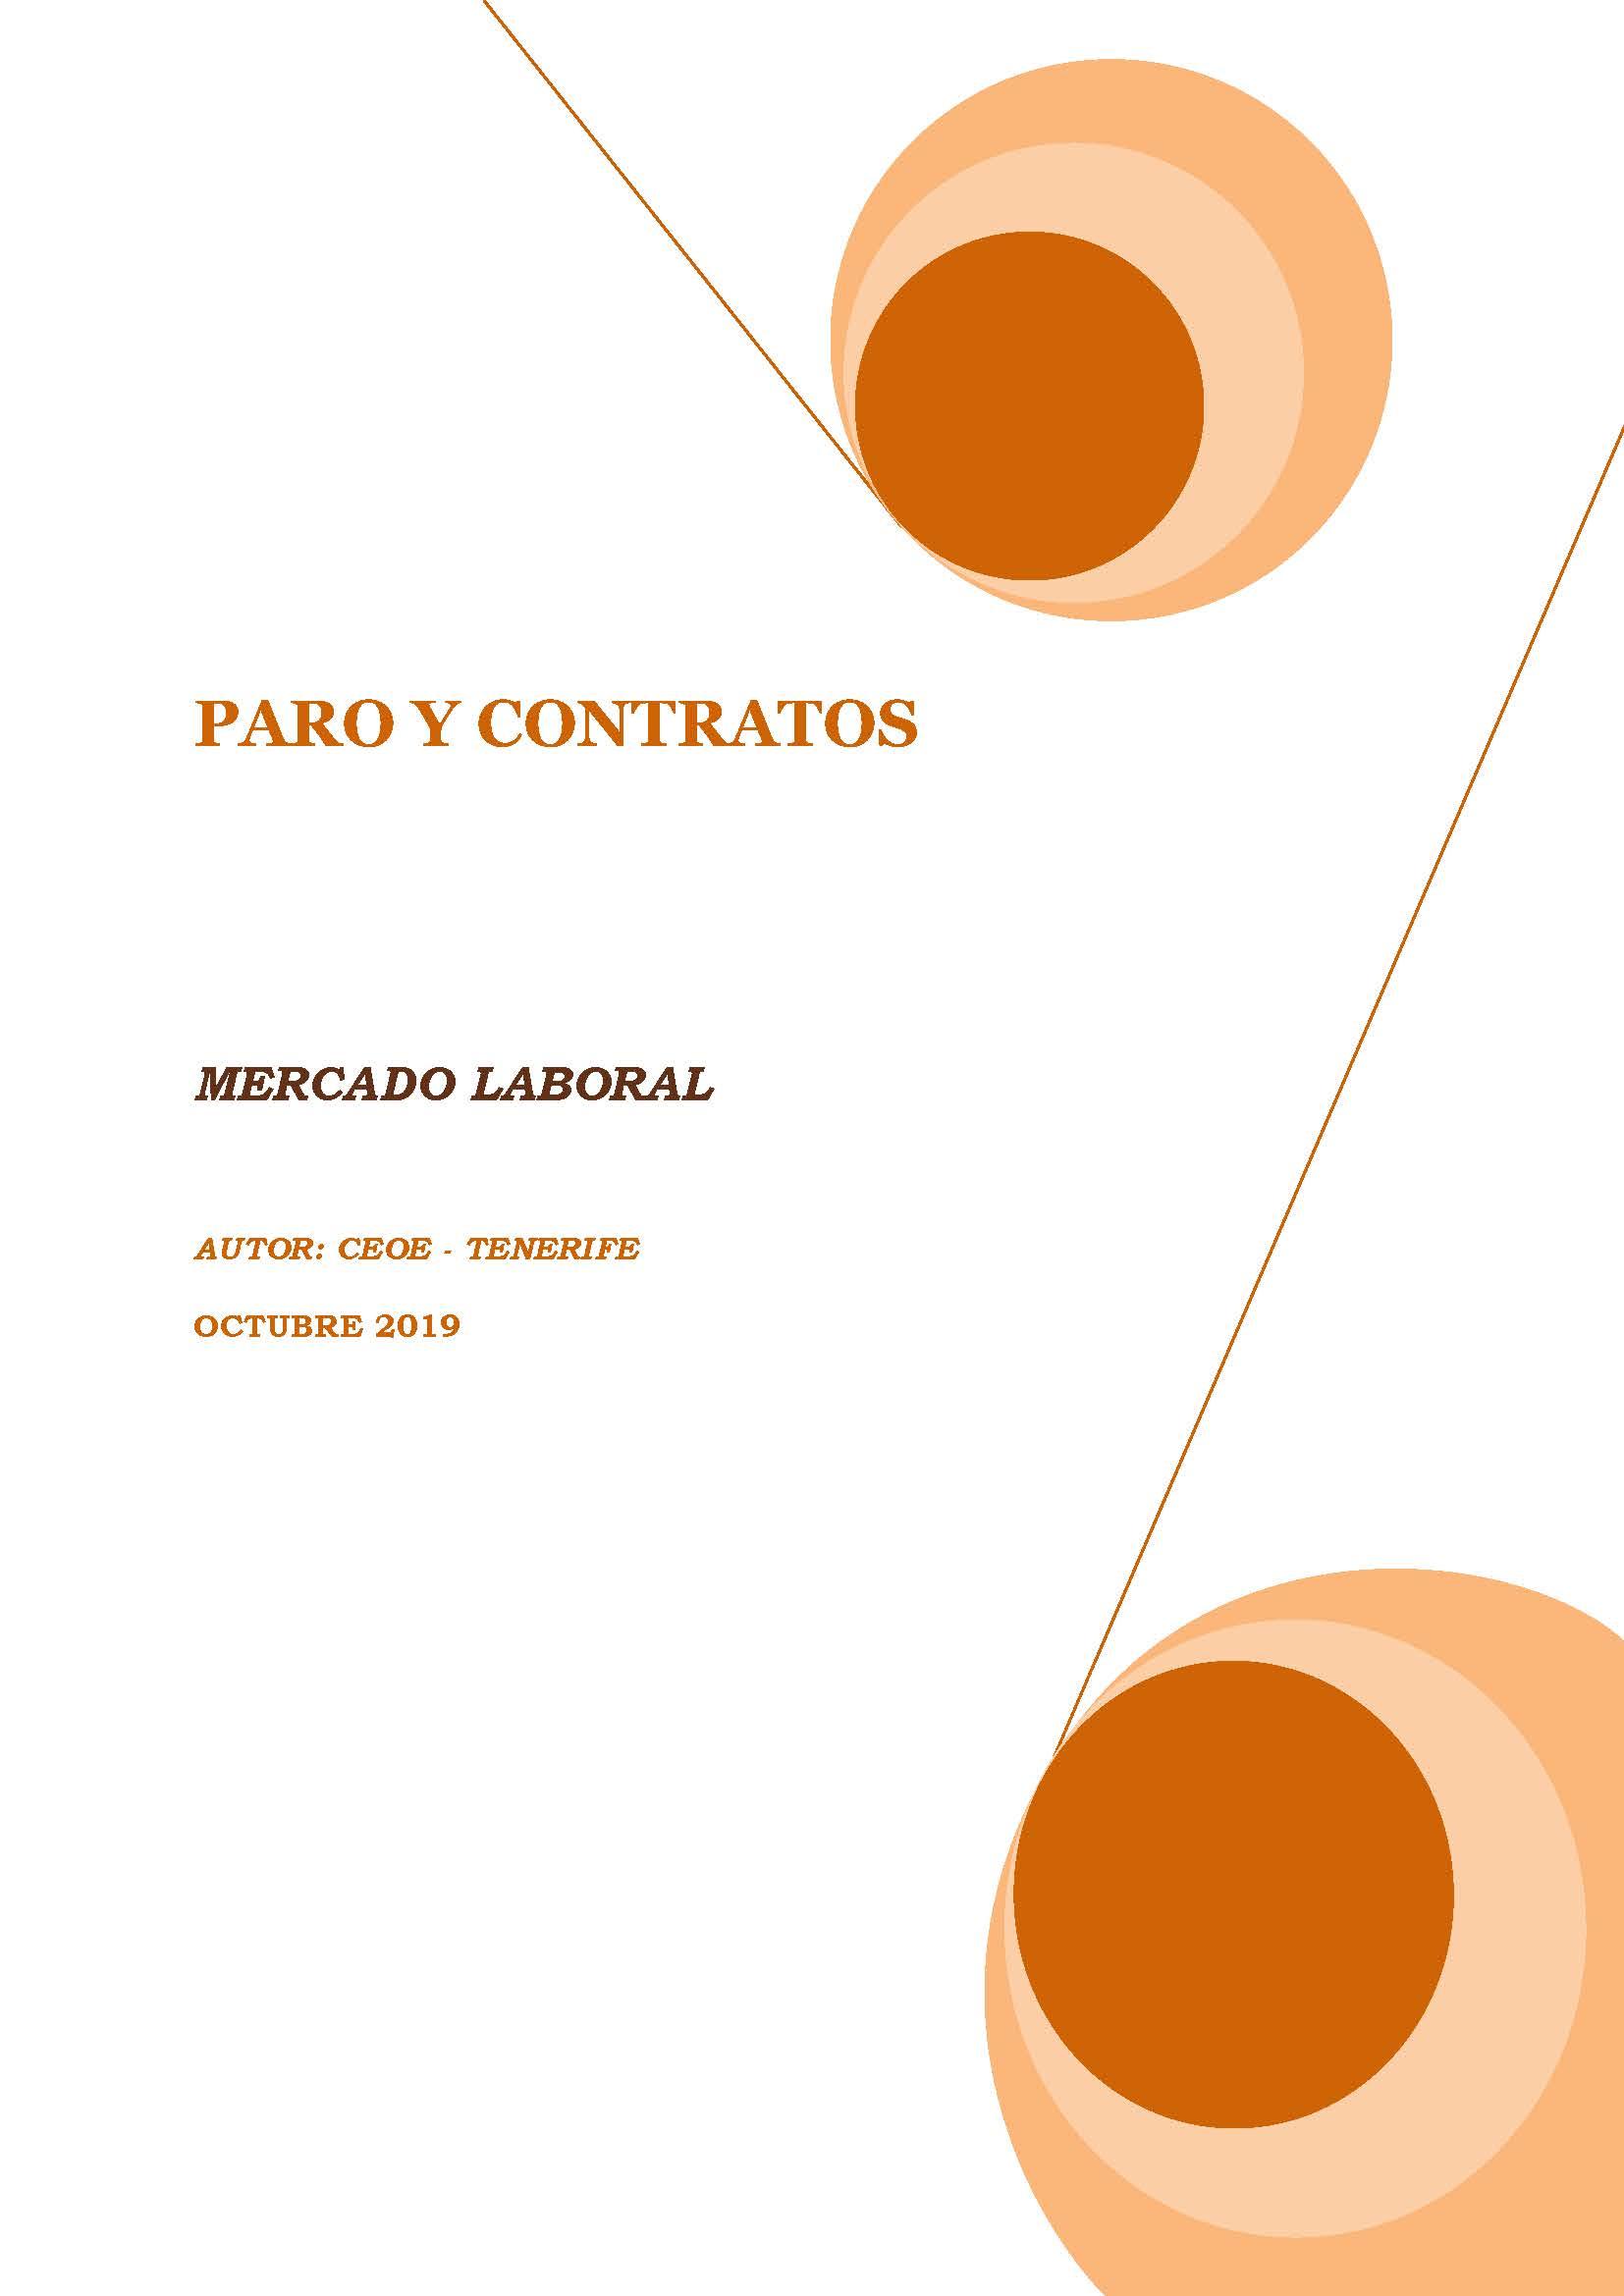 MERCADO LABORAL - PARO Y CONTRATOS OCTUBRE 2019